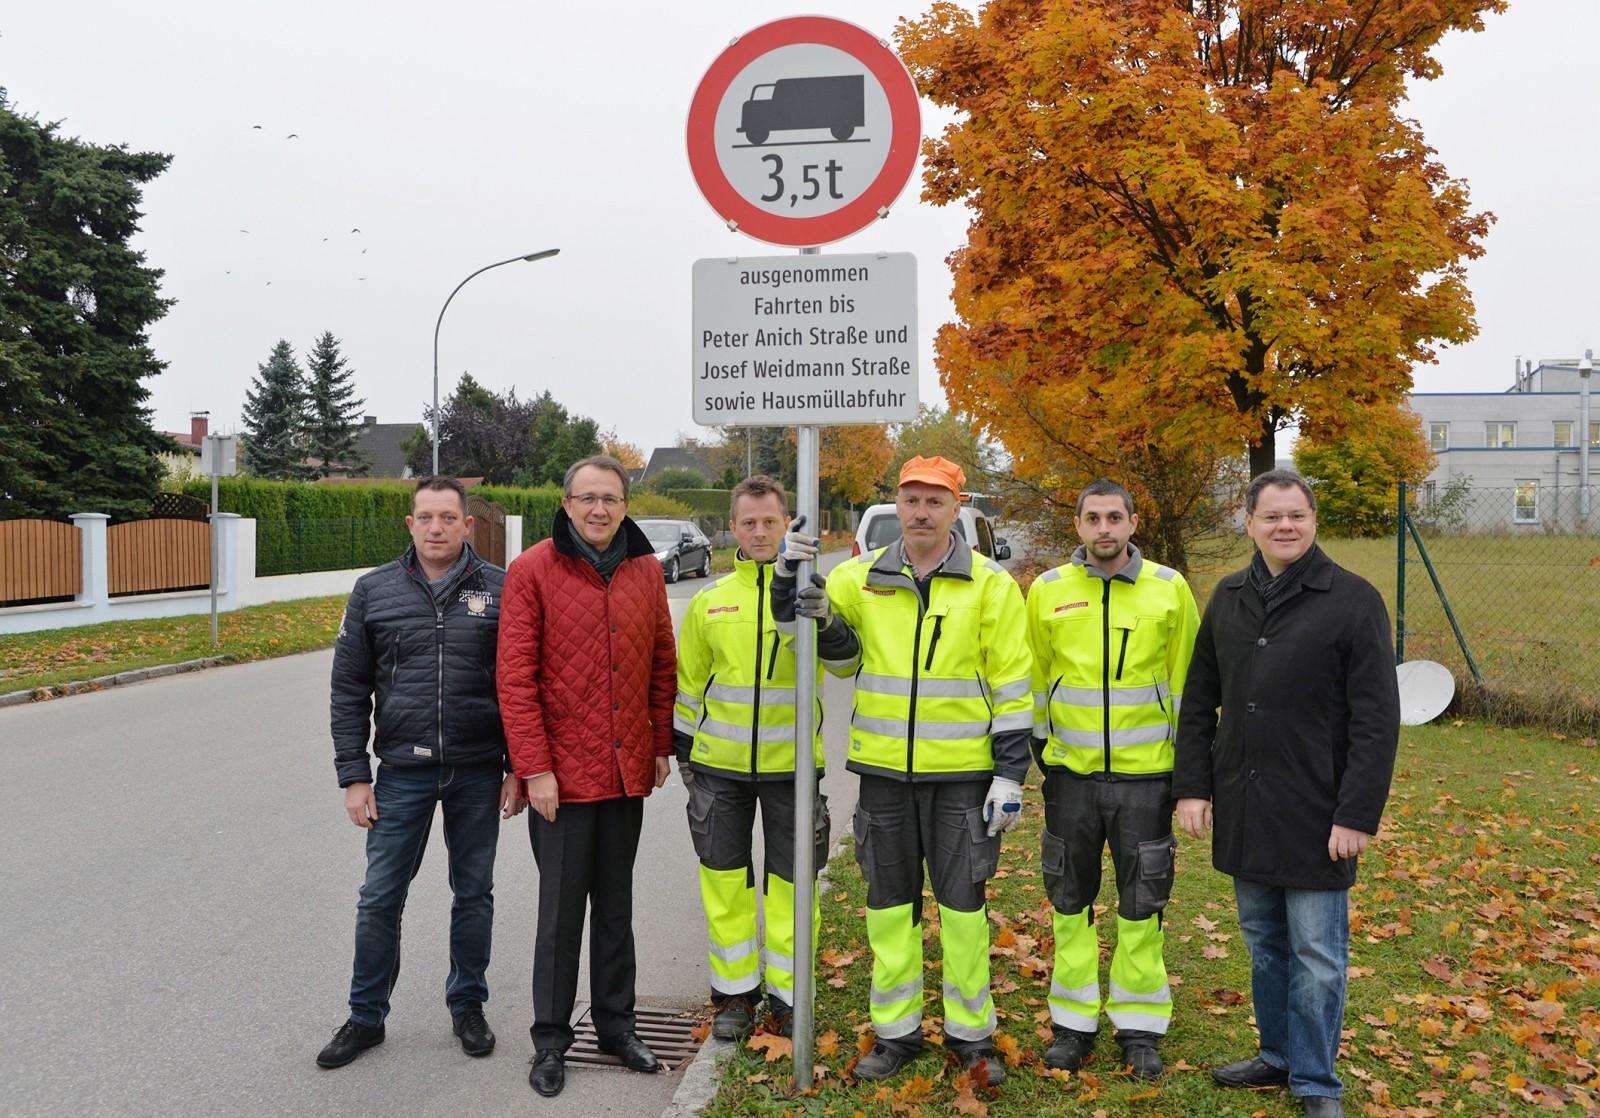 LKW-Durchfahrtsverbot in Hart